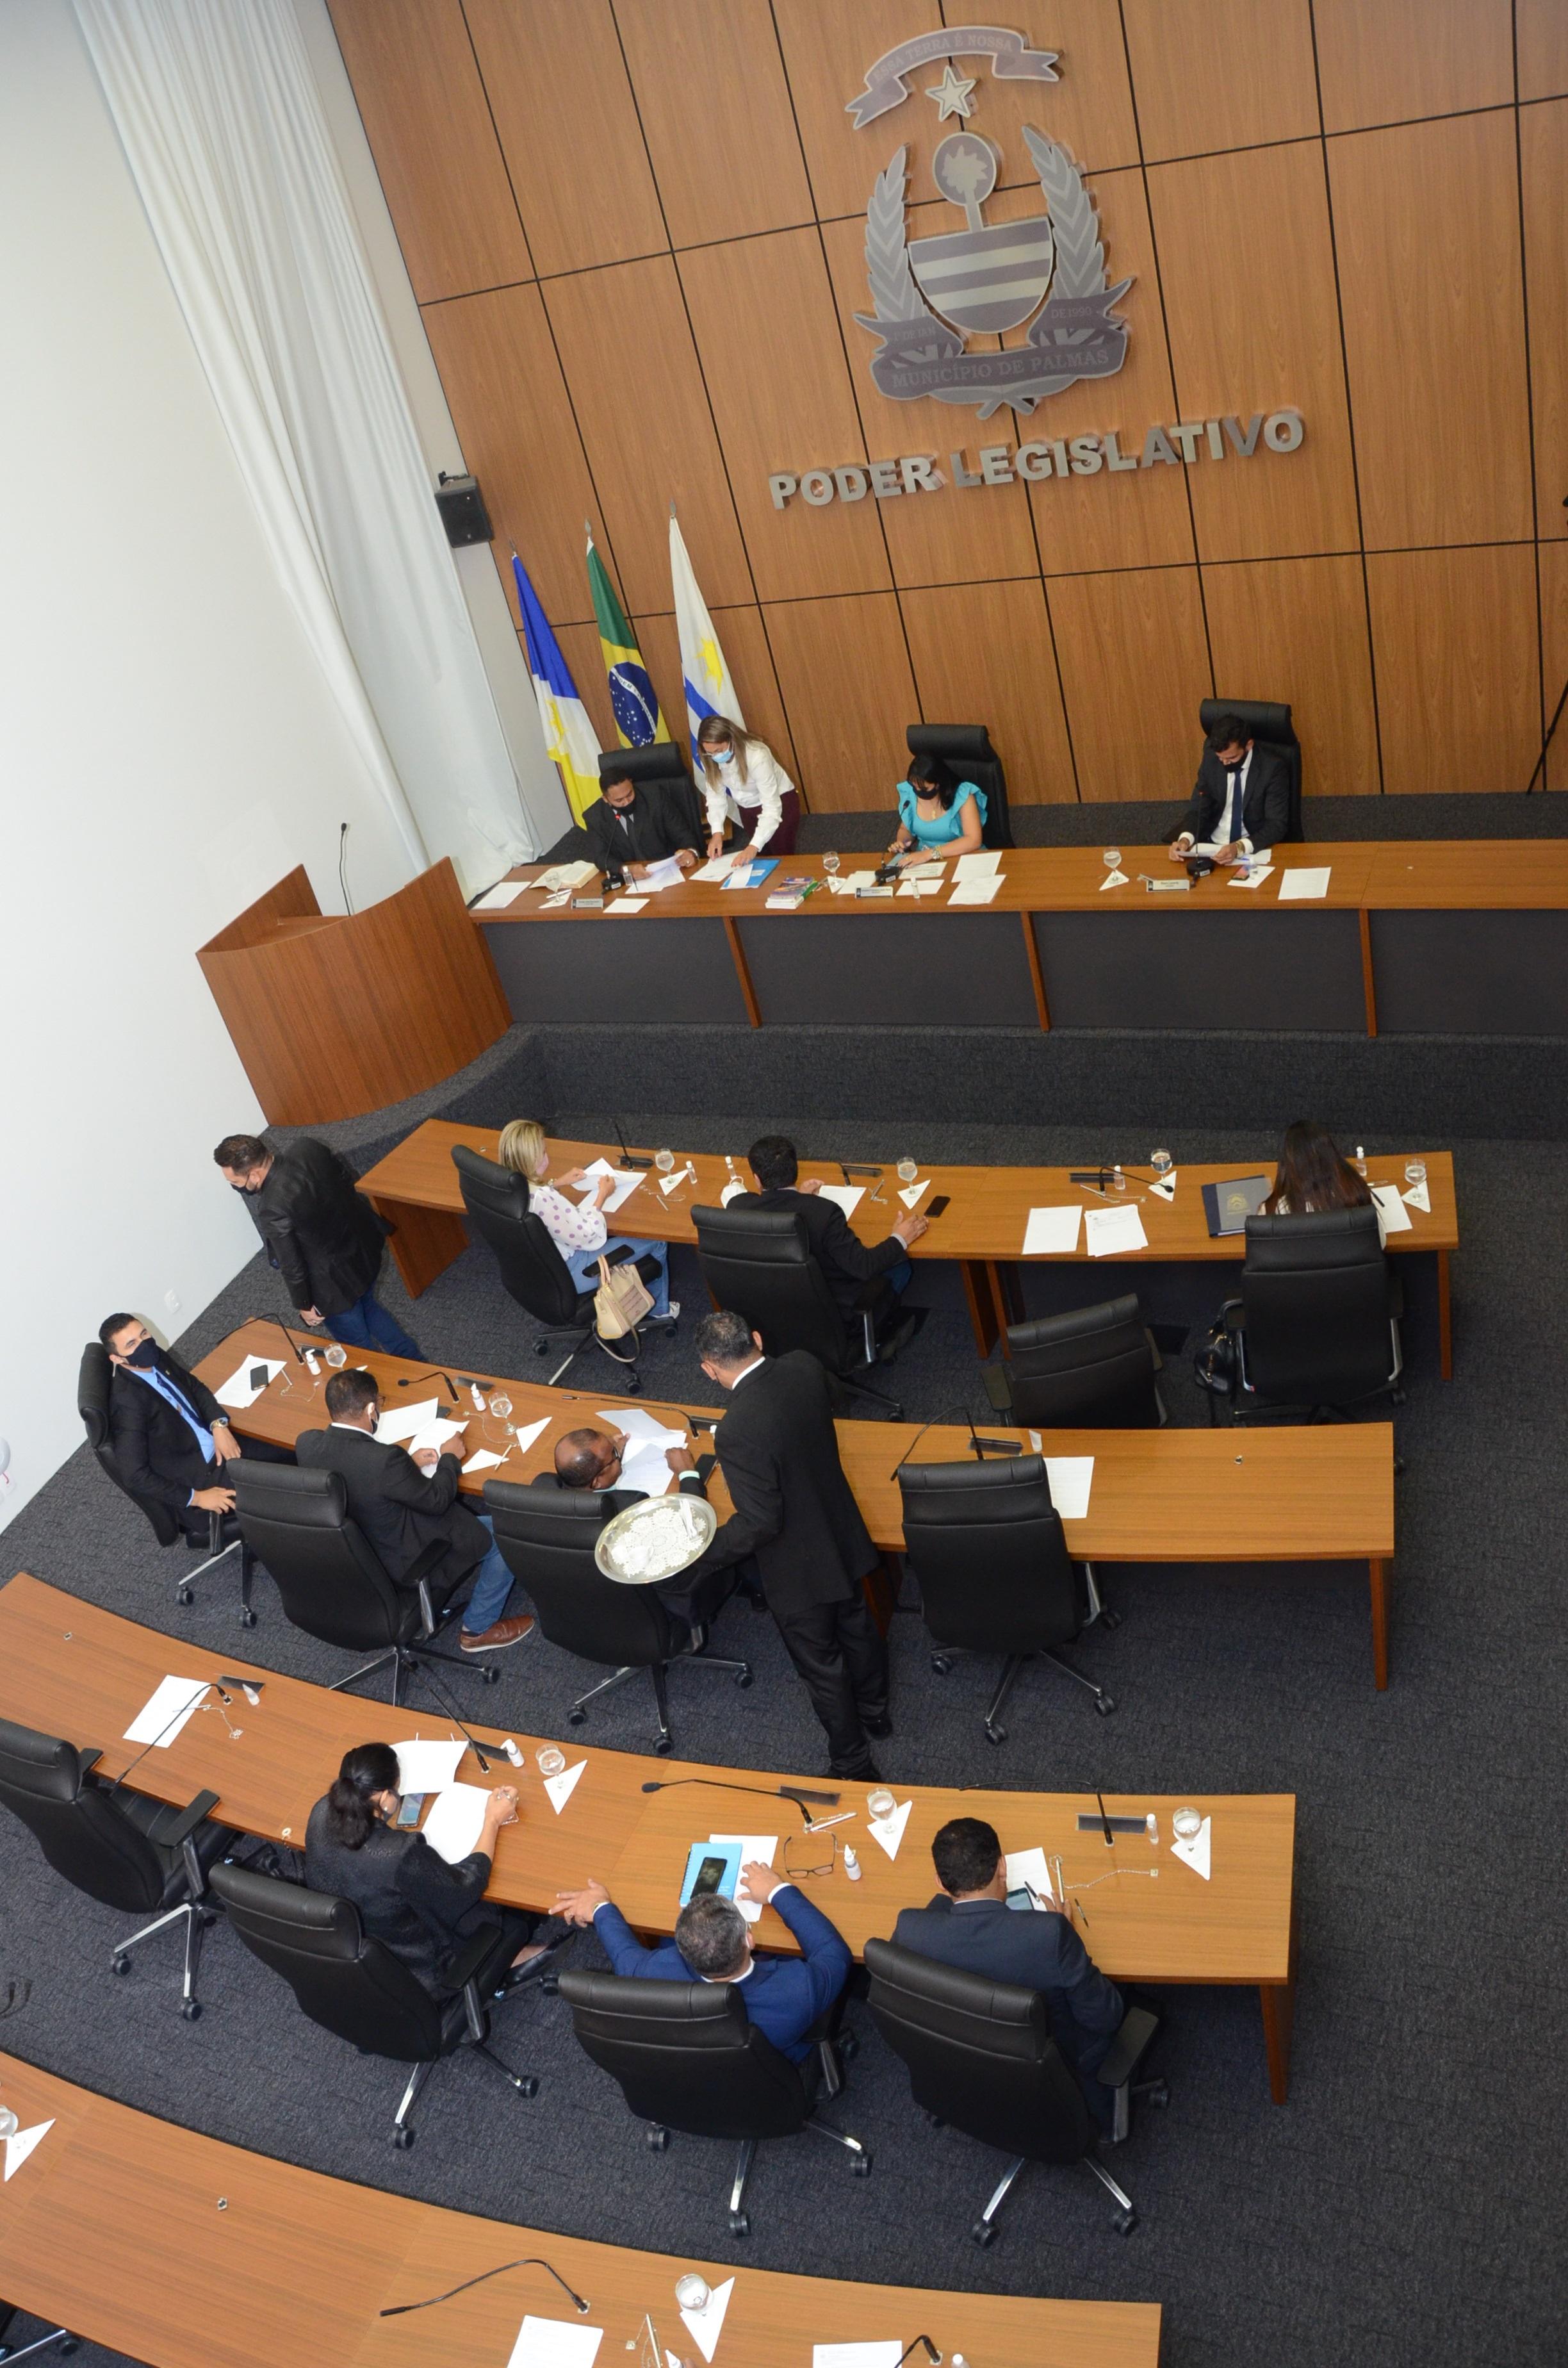 Câmara Municipal de Palmas realizará sessões uma vez por semana, às terças-feiras